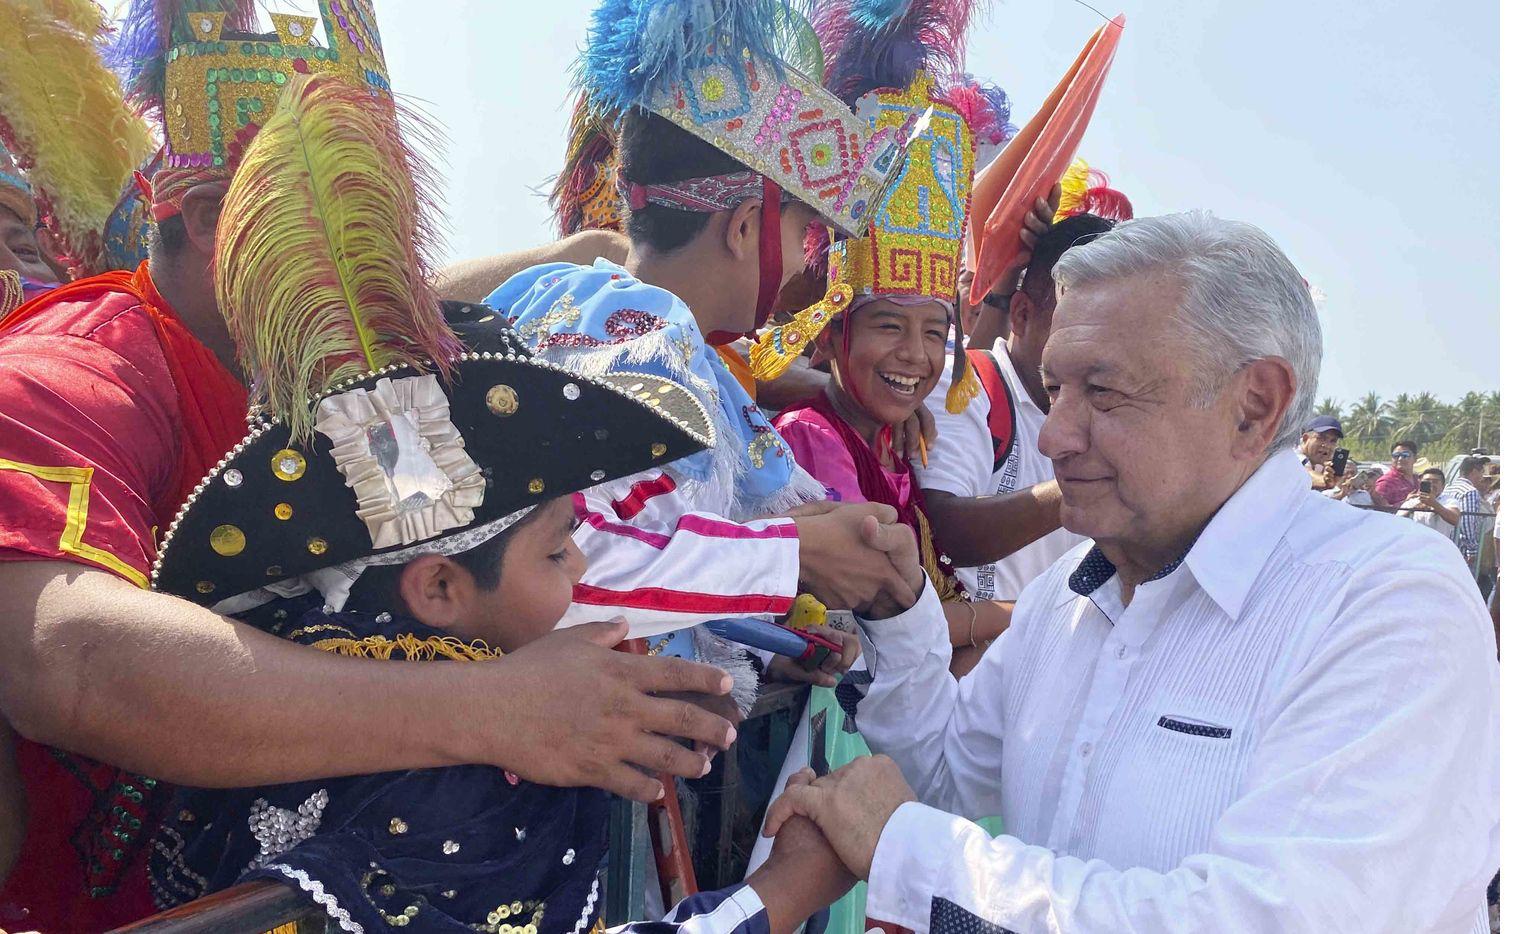 El presidente de México Andrés Manuel López Obrador saluda a personas que asistieron a un evento en Costa Chica, Guerrero.